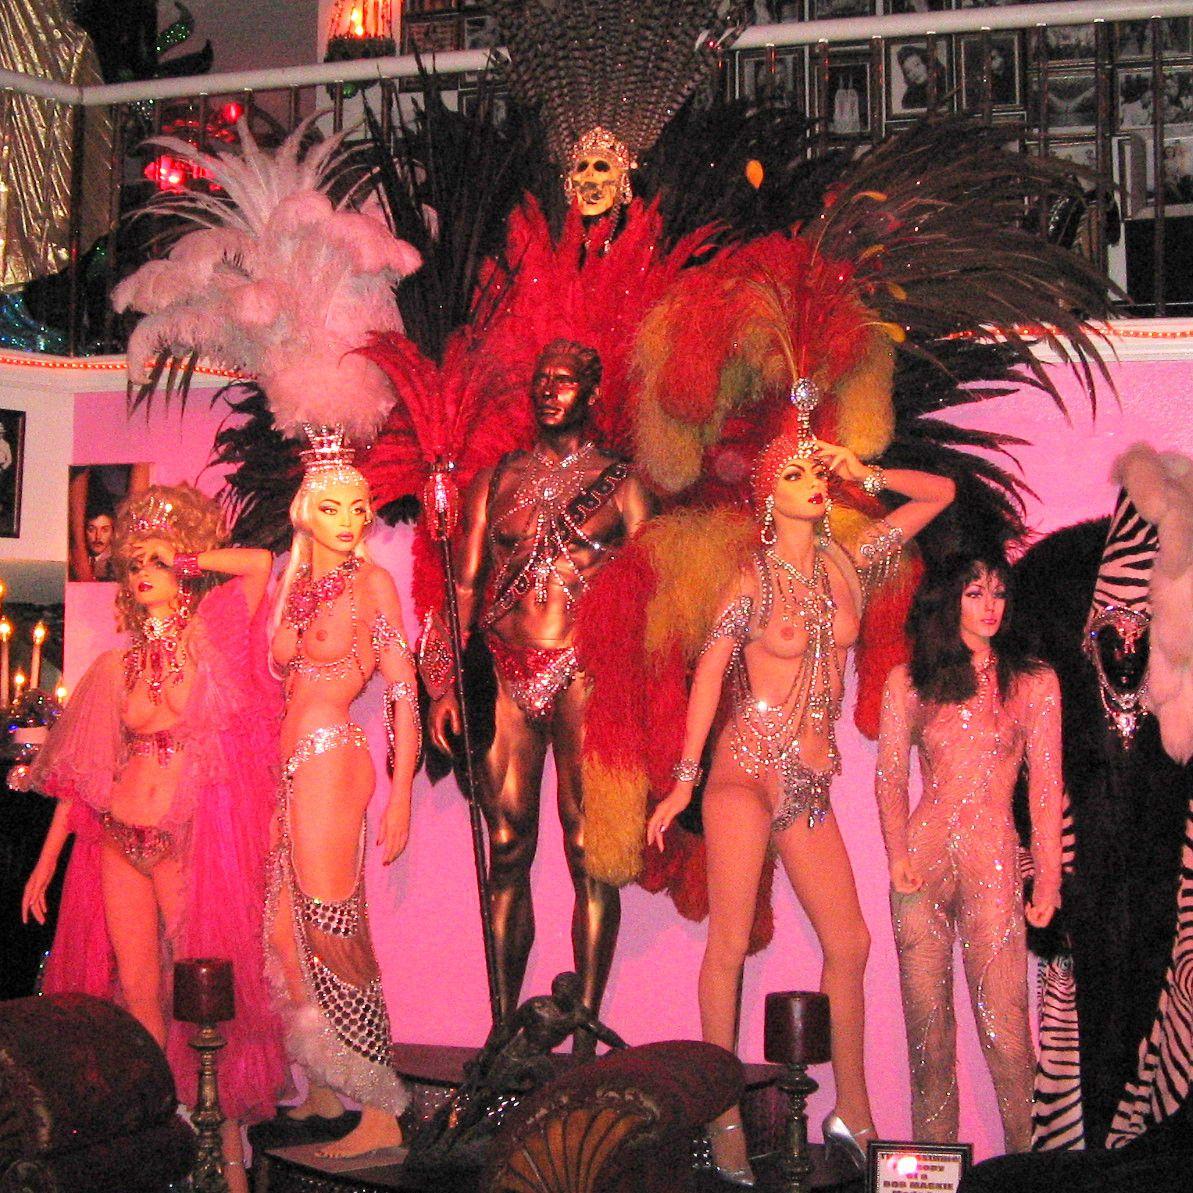 Vega showgirls naked